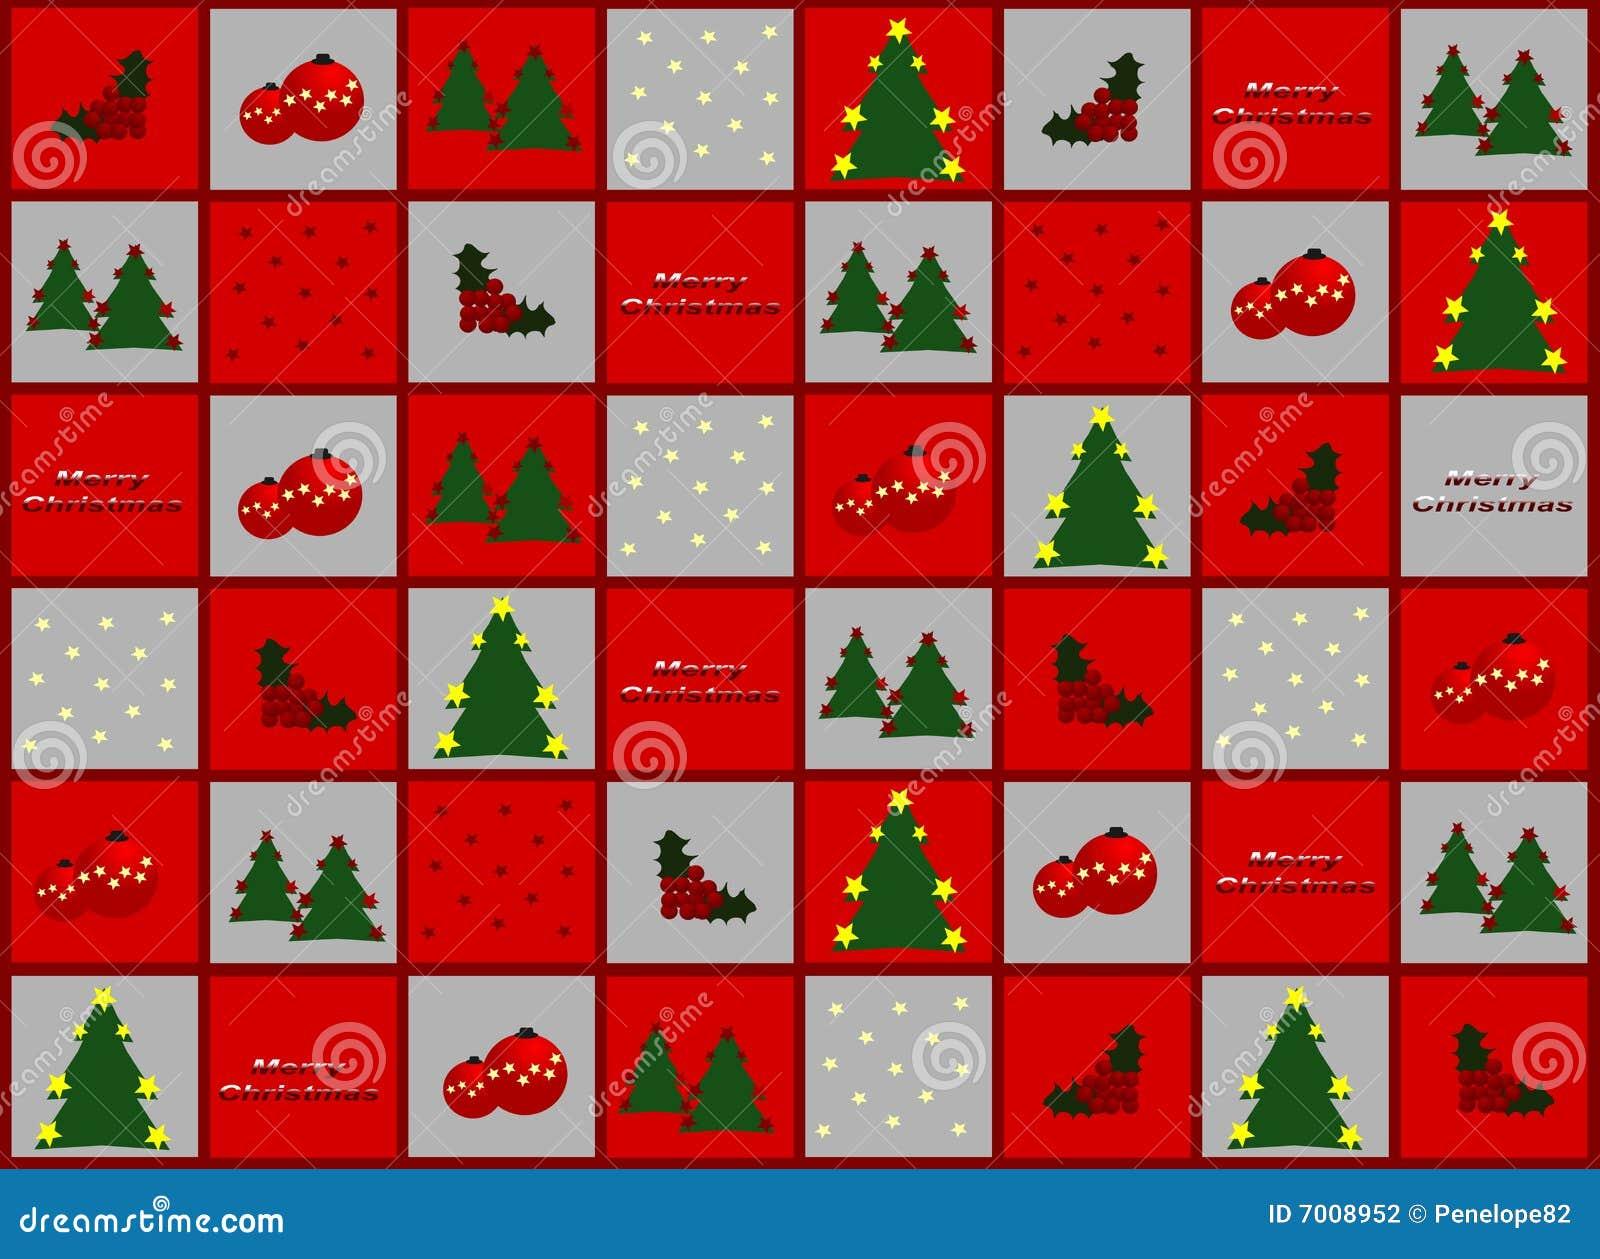 Papel del regalo de la navidad stock de ilustraci n - Papel de regalo transparente ...